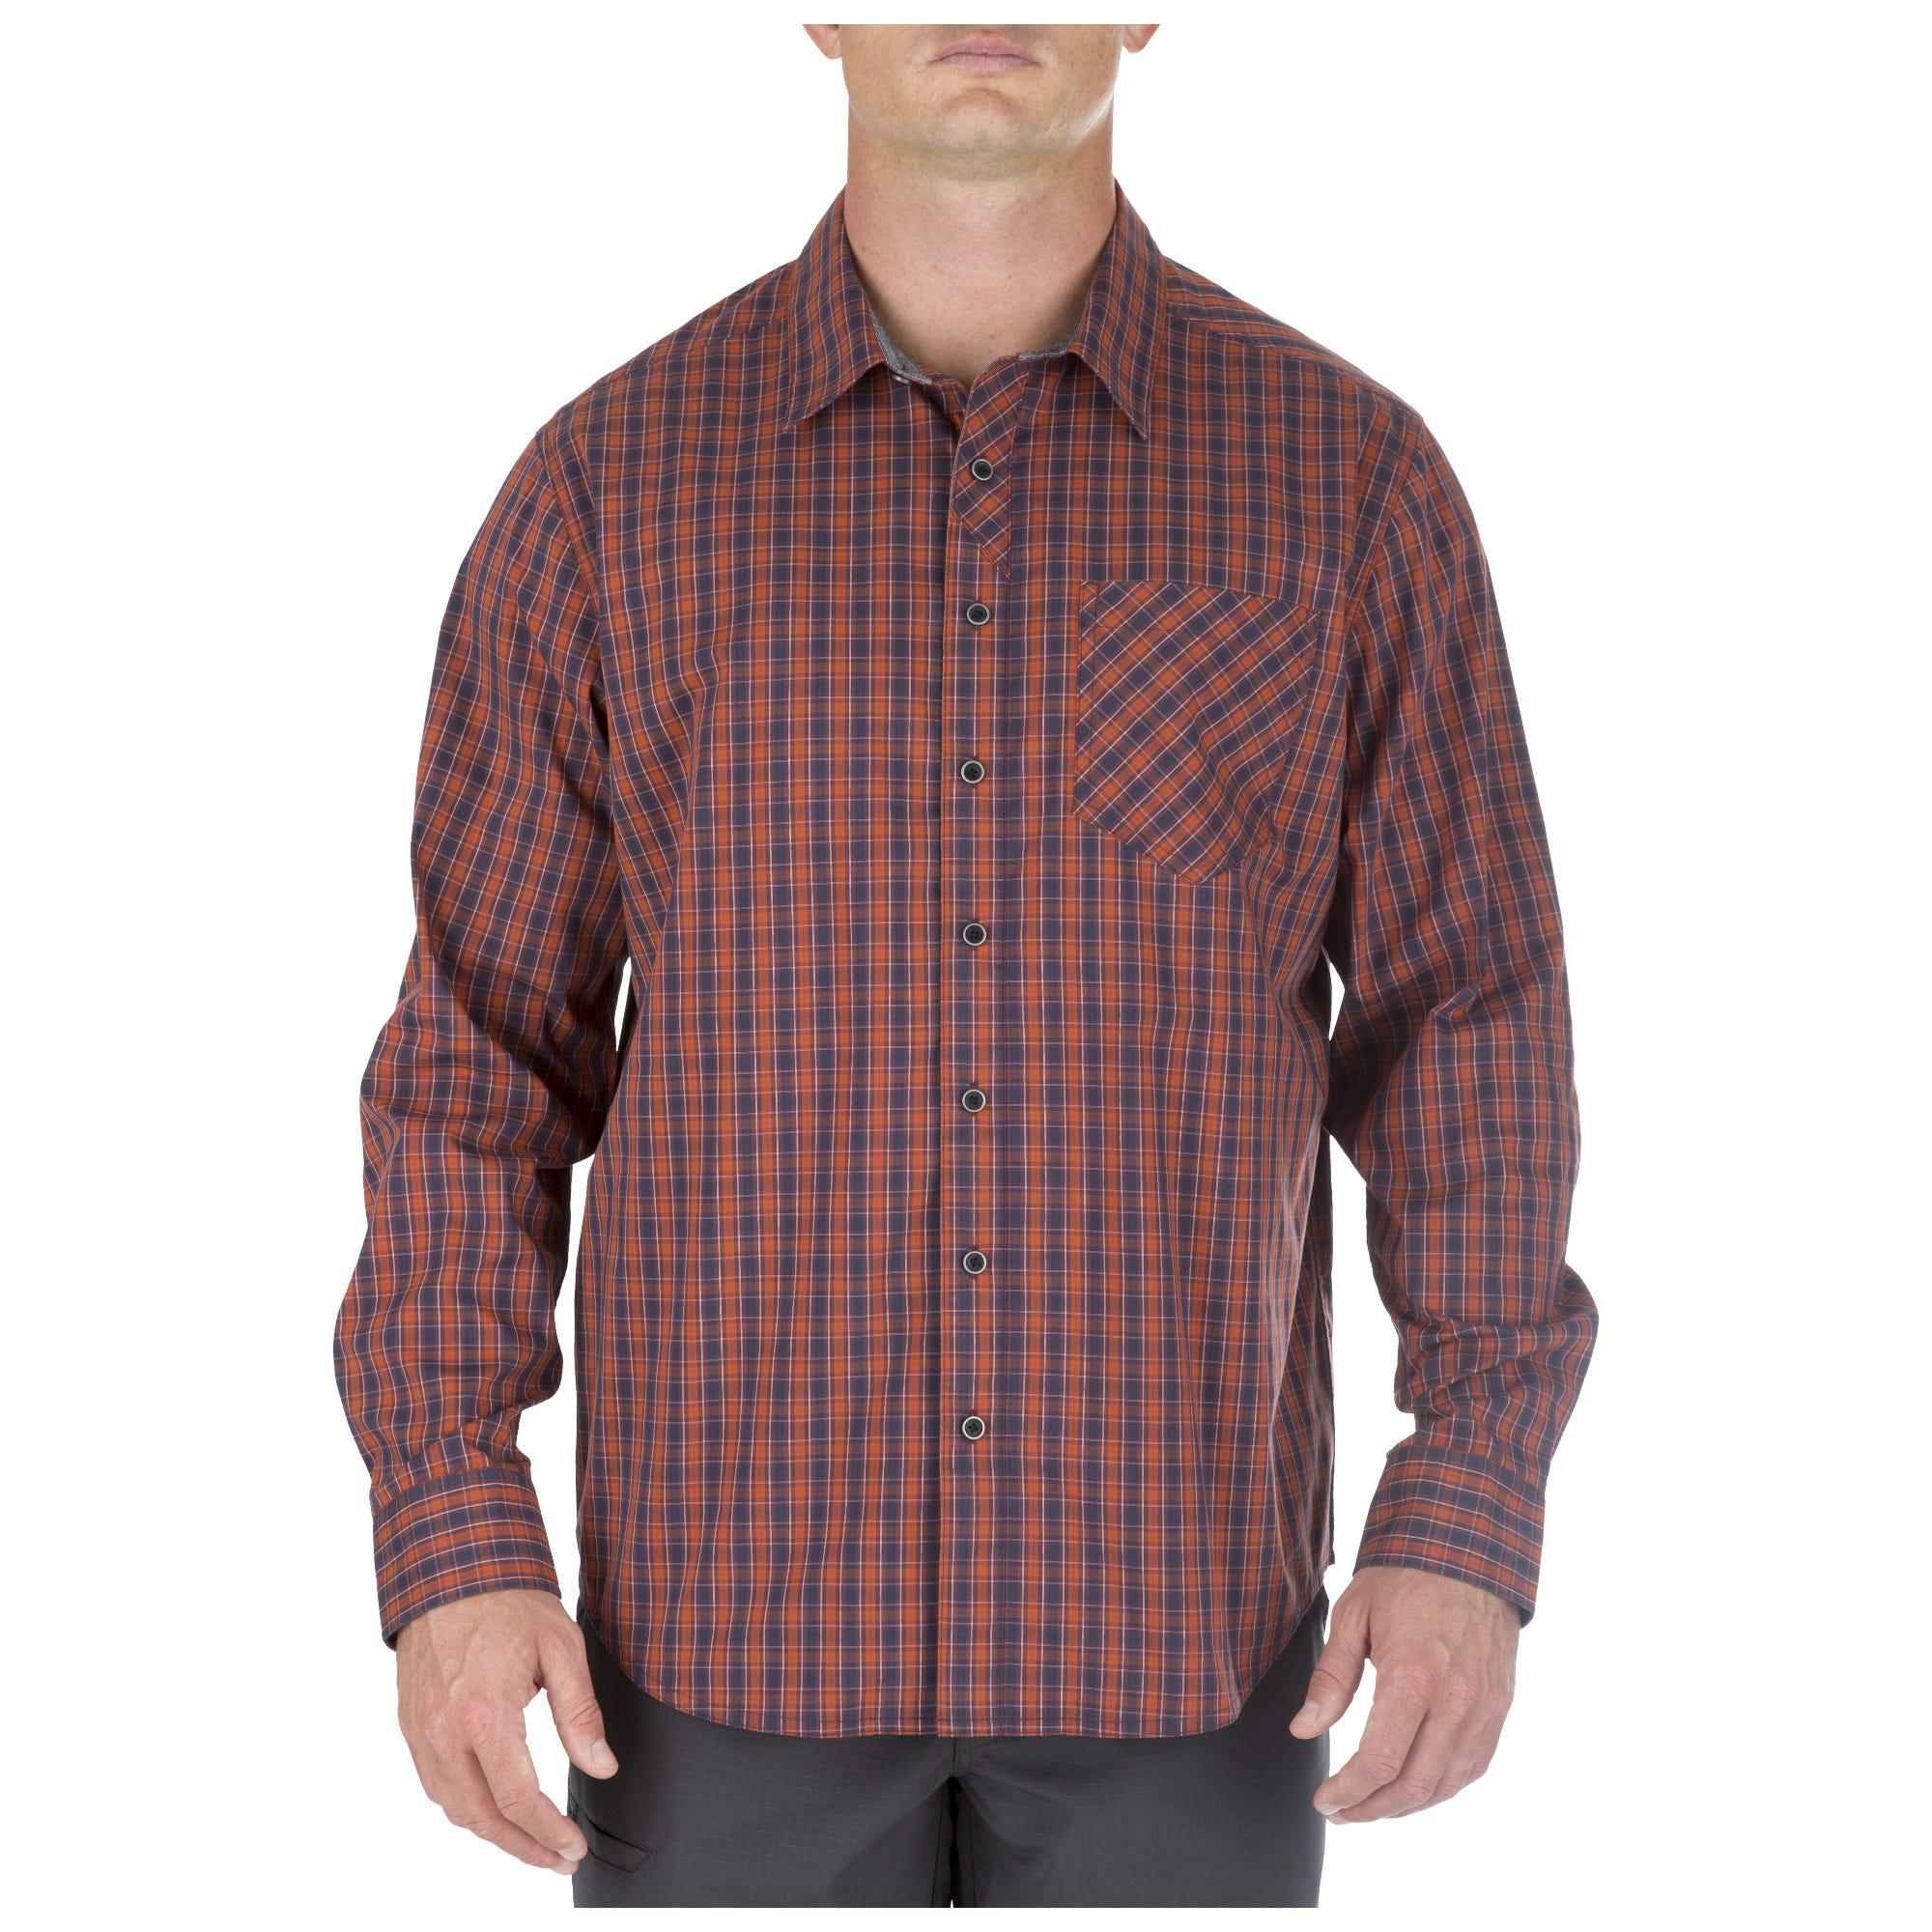 5.11 Tactical Men's Covert Flex Long Sleeve Shirt (Grey)